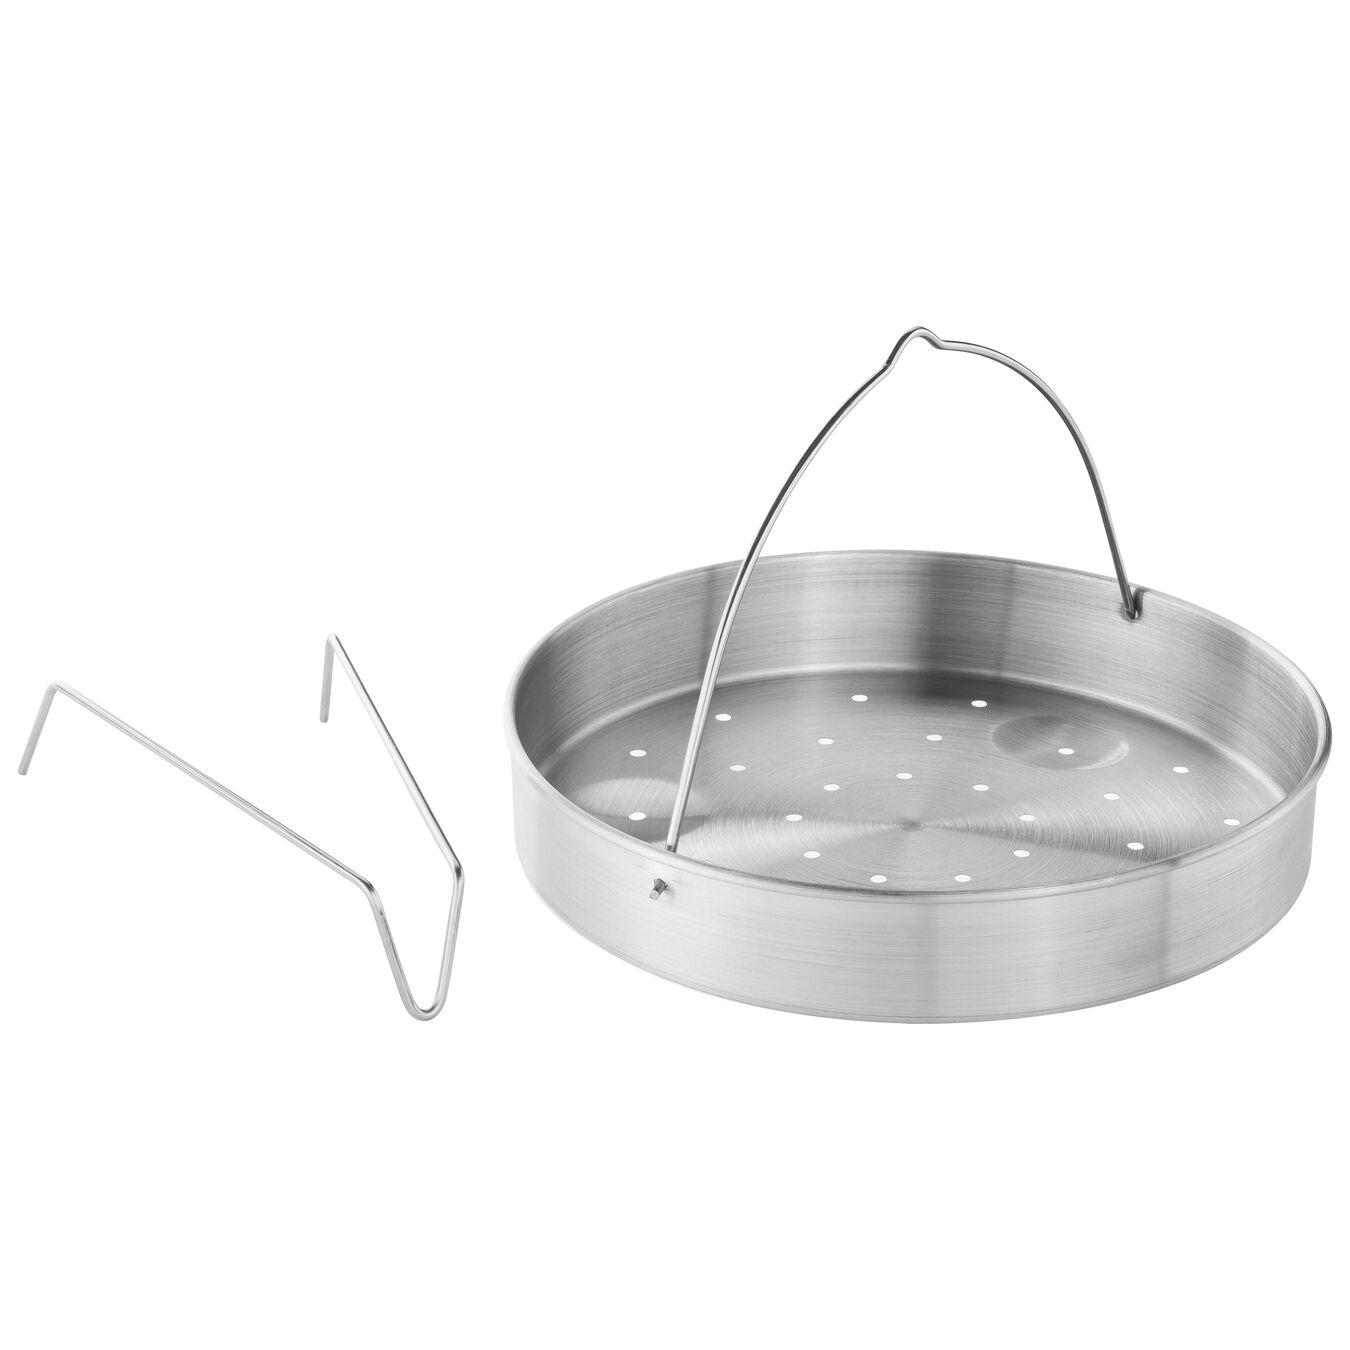 Passoire pour cuit vapeur 22 cm,,large 3